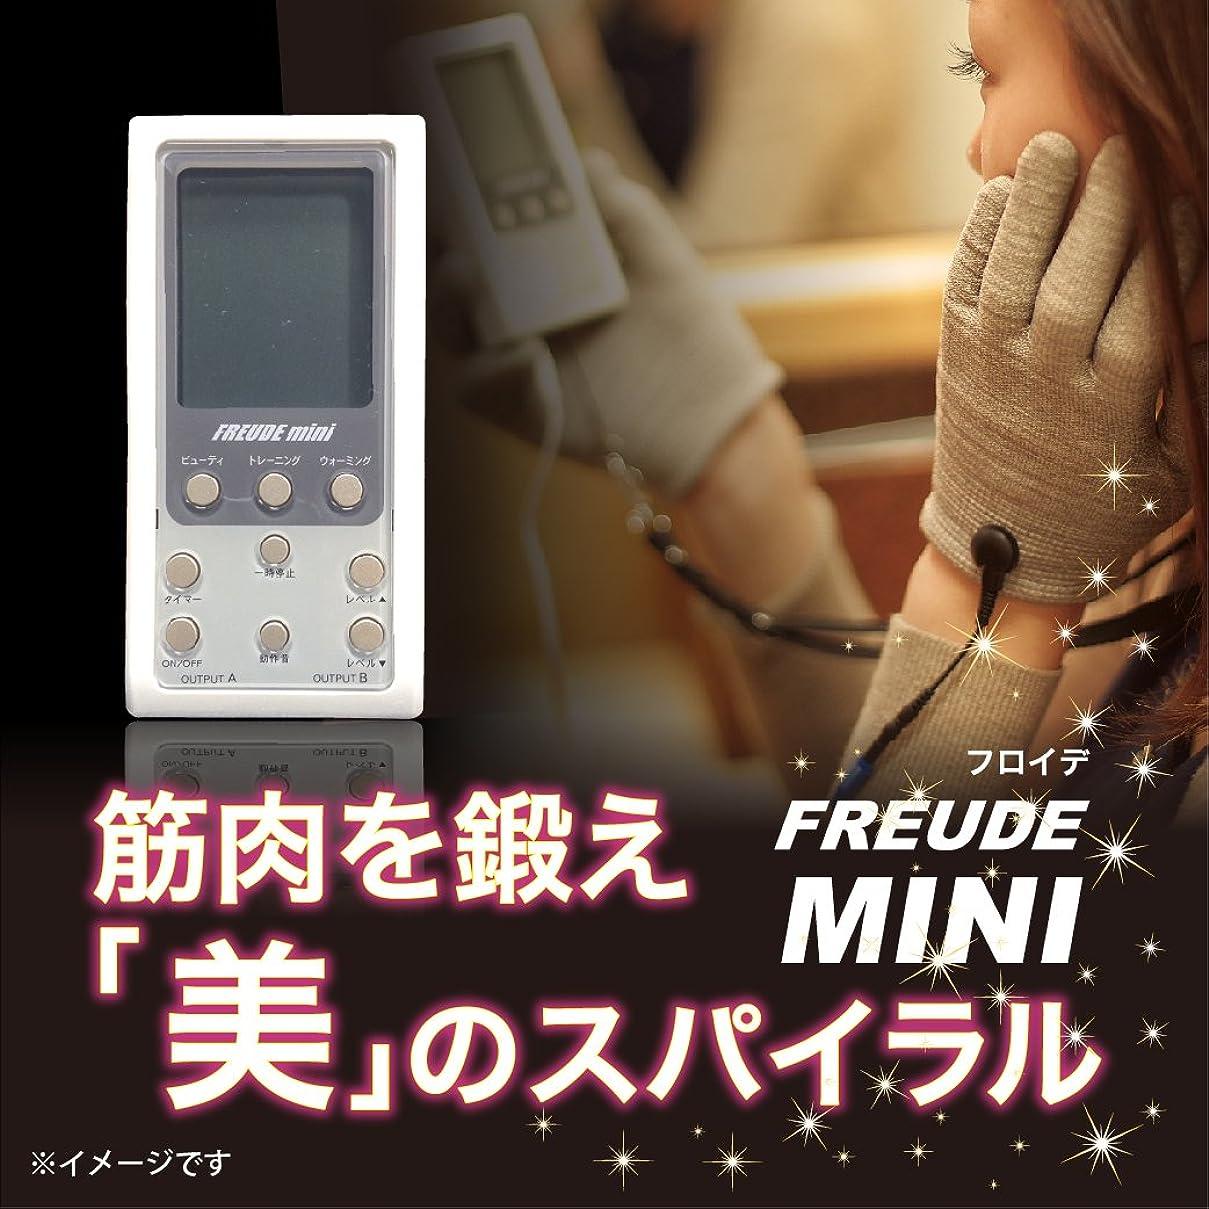 ばか次へ事件、出来事FREUDE-mini フロイデミニ 本体セット×1台(専用粘着パッド4枚付)